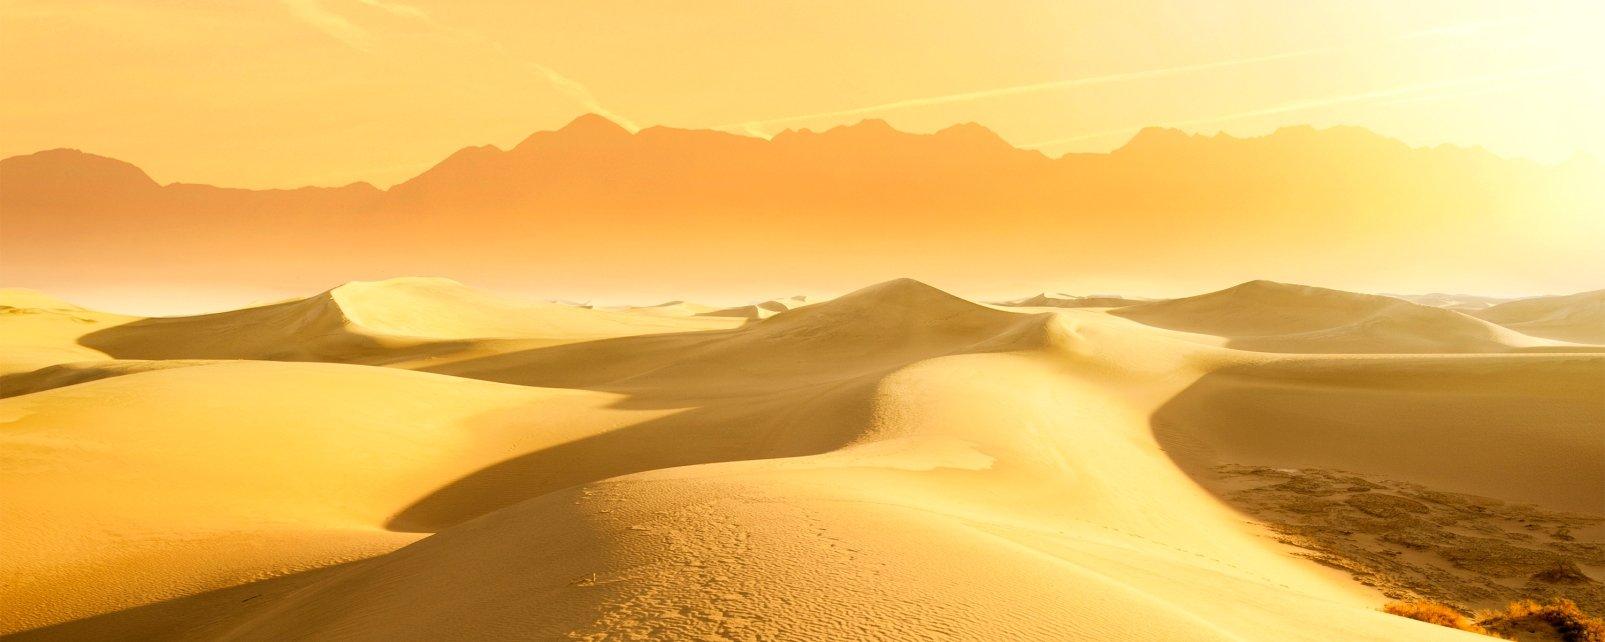 Les paysages, afrique, niger, désert, ténéré, dune, sable, chaleur